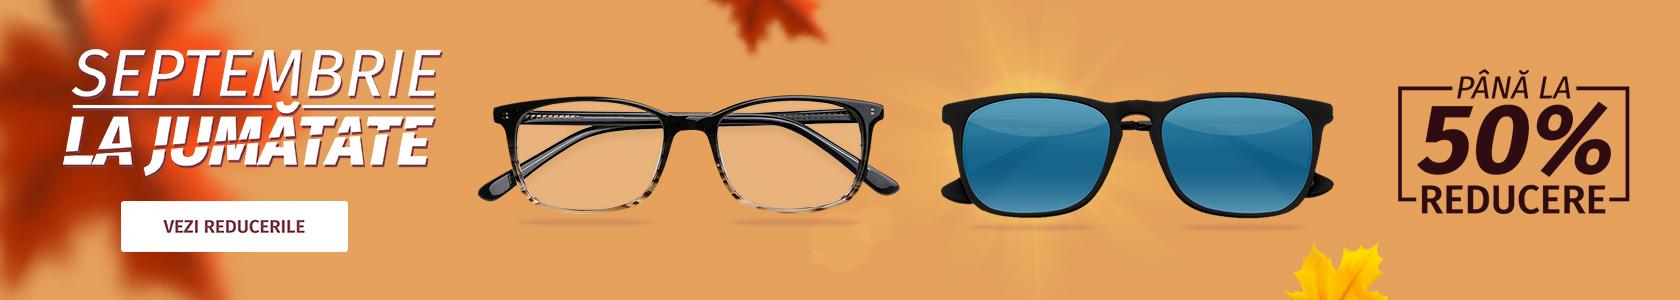 Ai reduceri de până 50% la ochelarii de vedere și de soare! Septembrie, la jumătate!